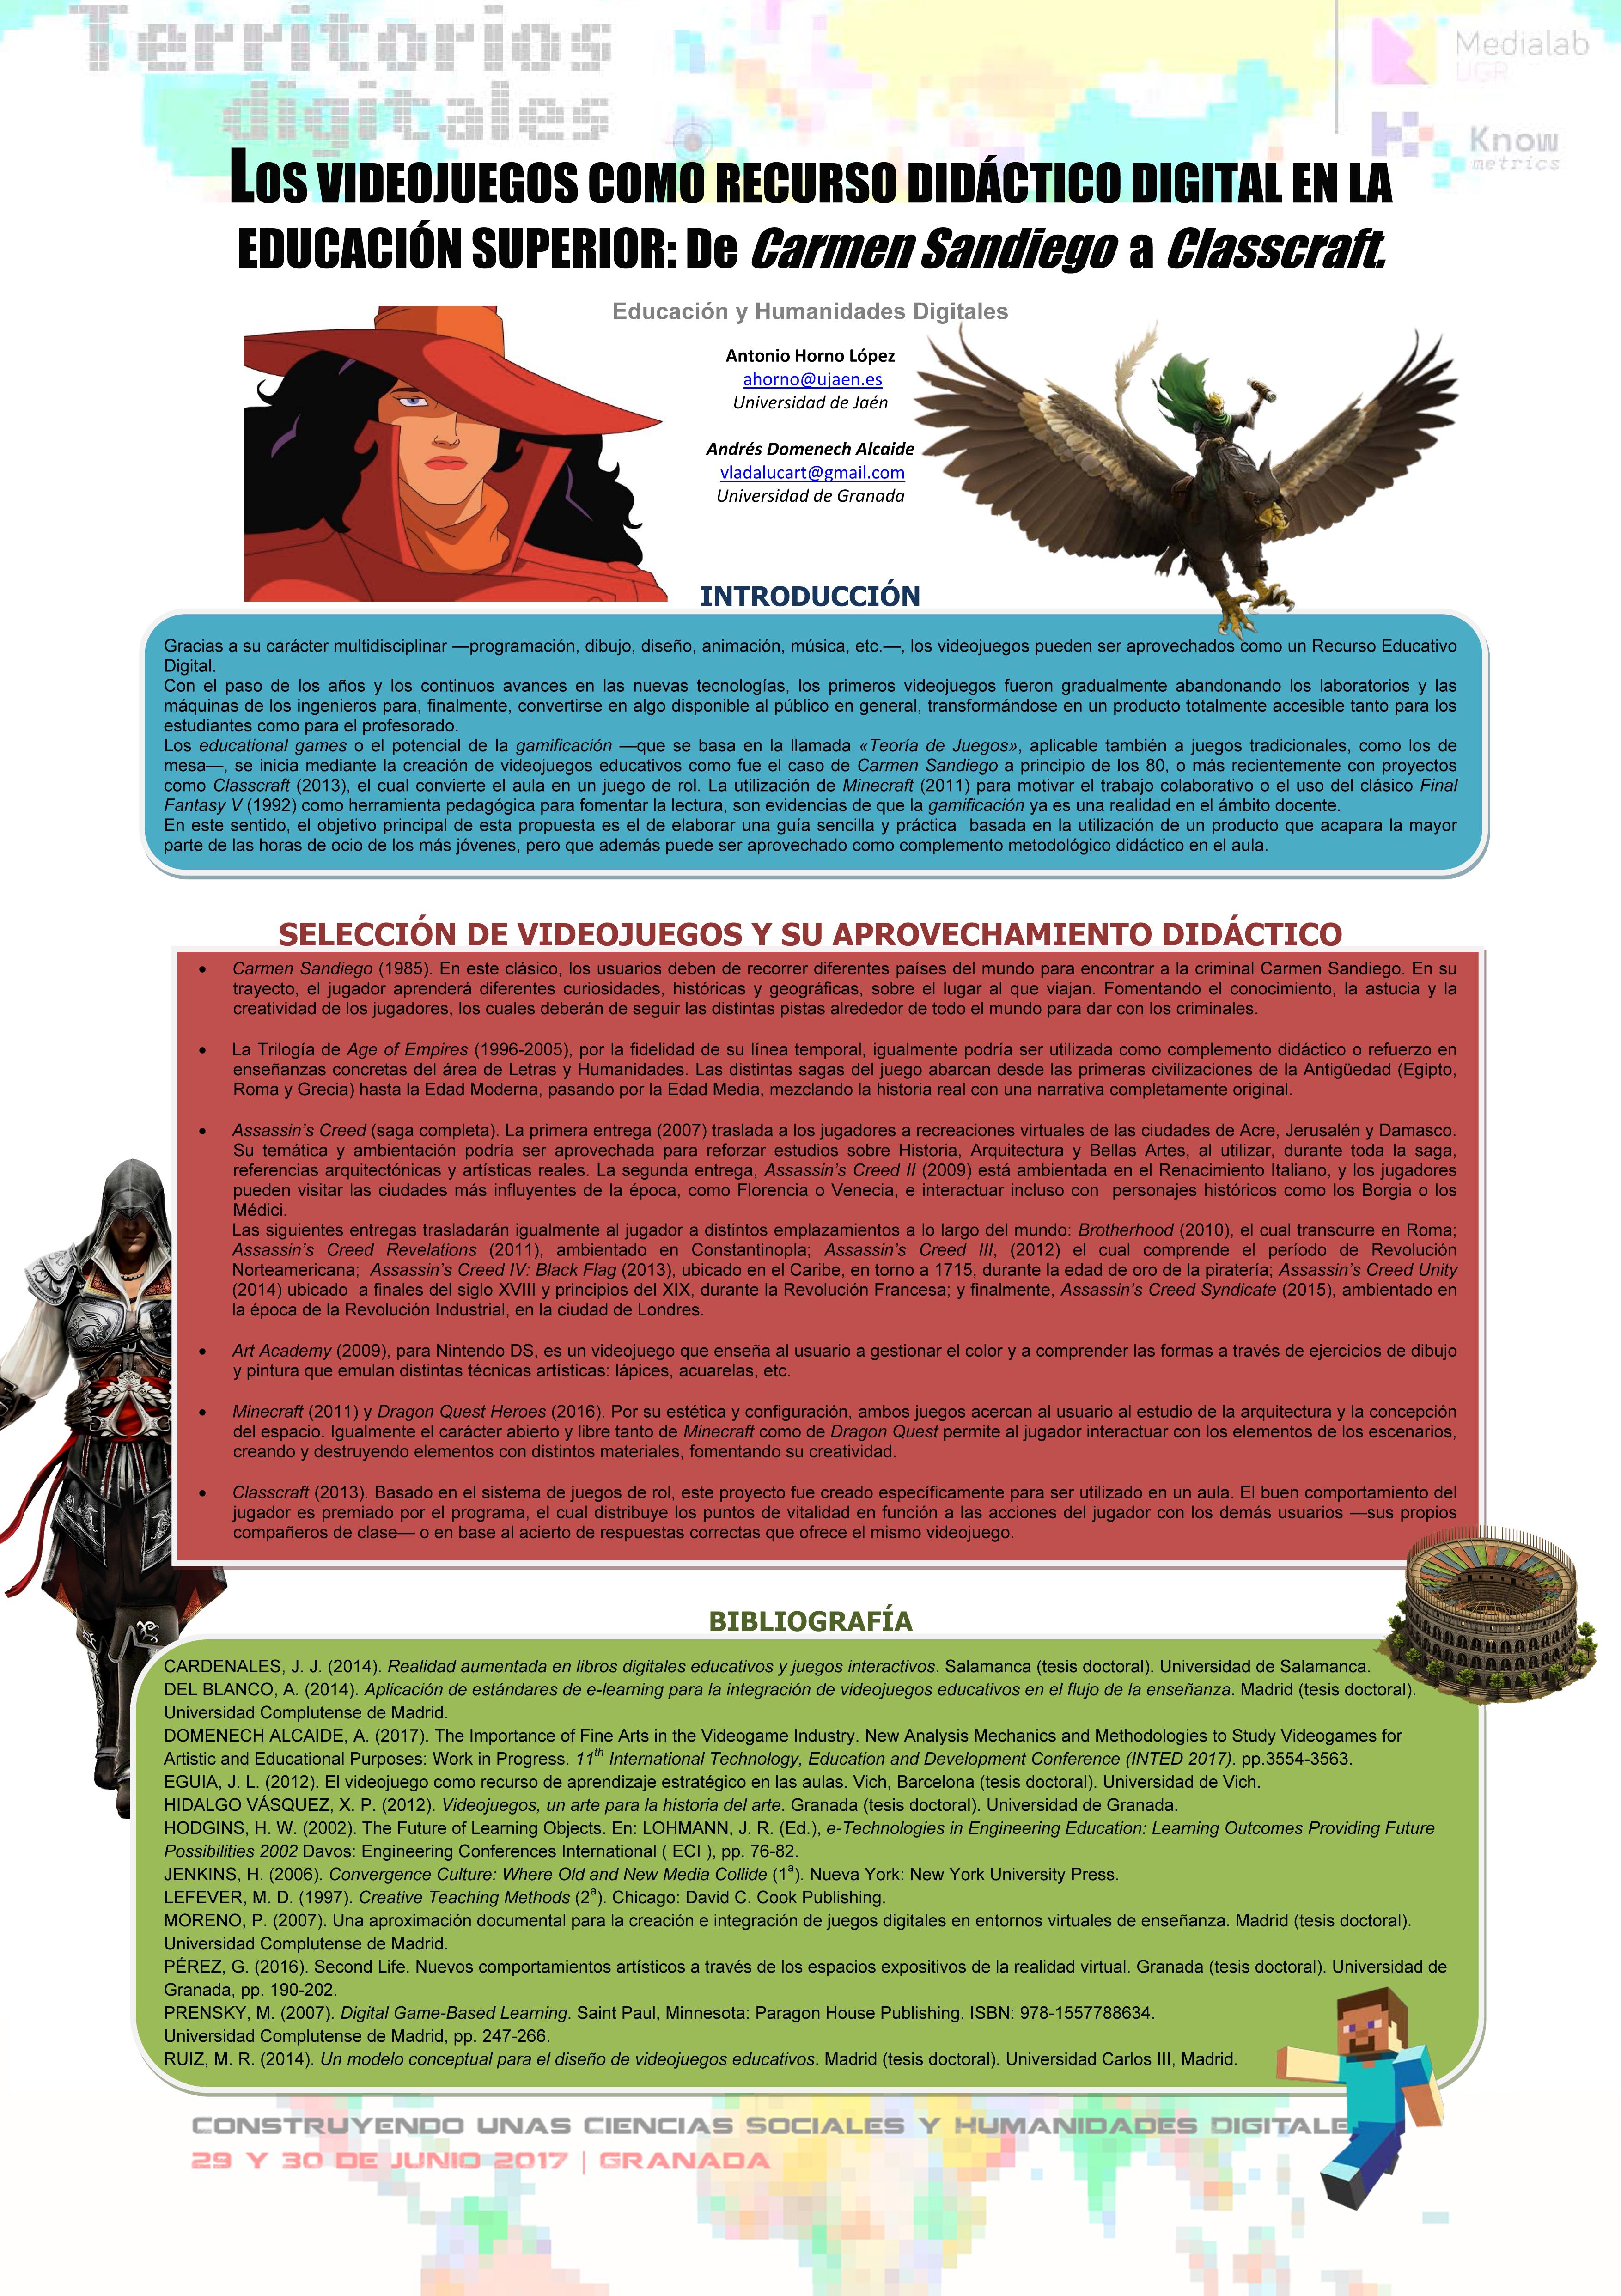 Los videojuegos como recurso didáctico digital en la educación superior: de Carmen Sandiego a Classcraft